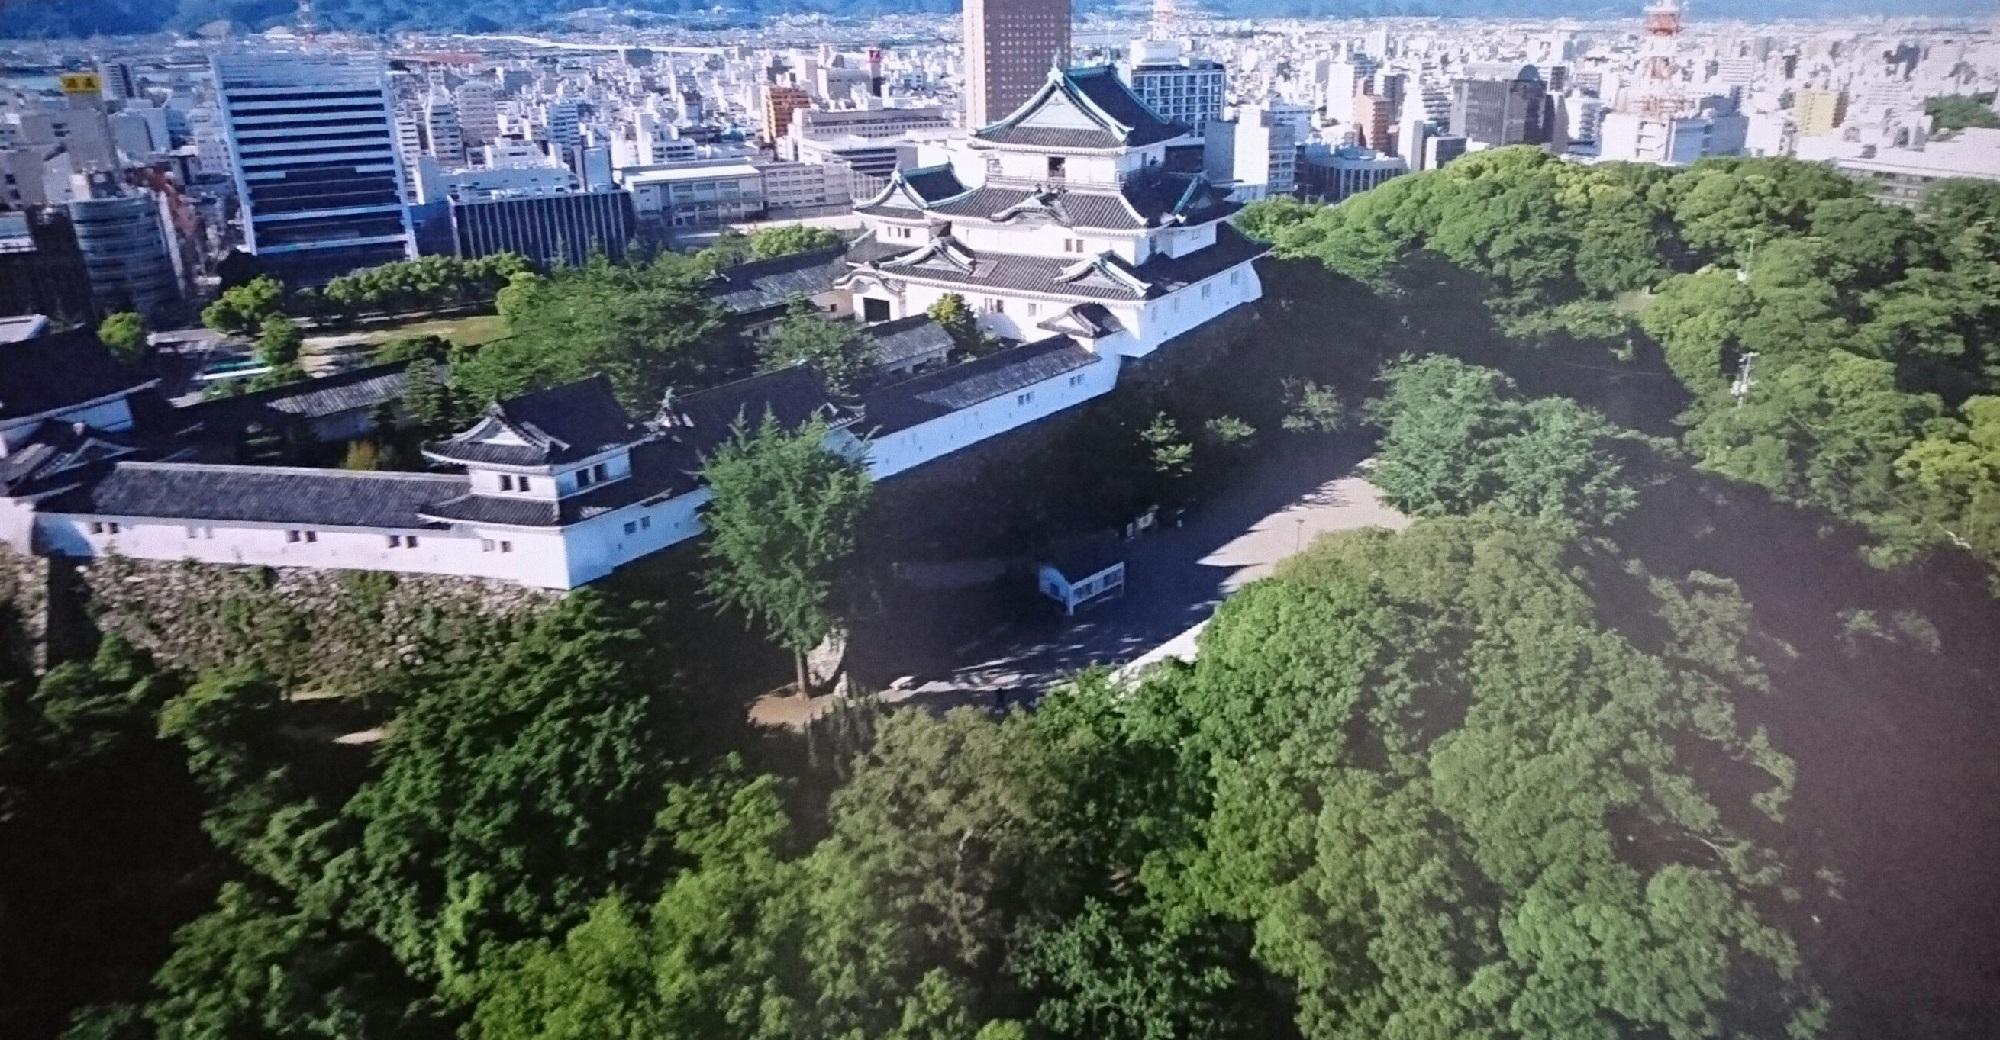 2017.8.17 わかやま (22) そらからみた和歌山城 2000-1040